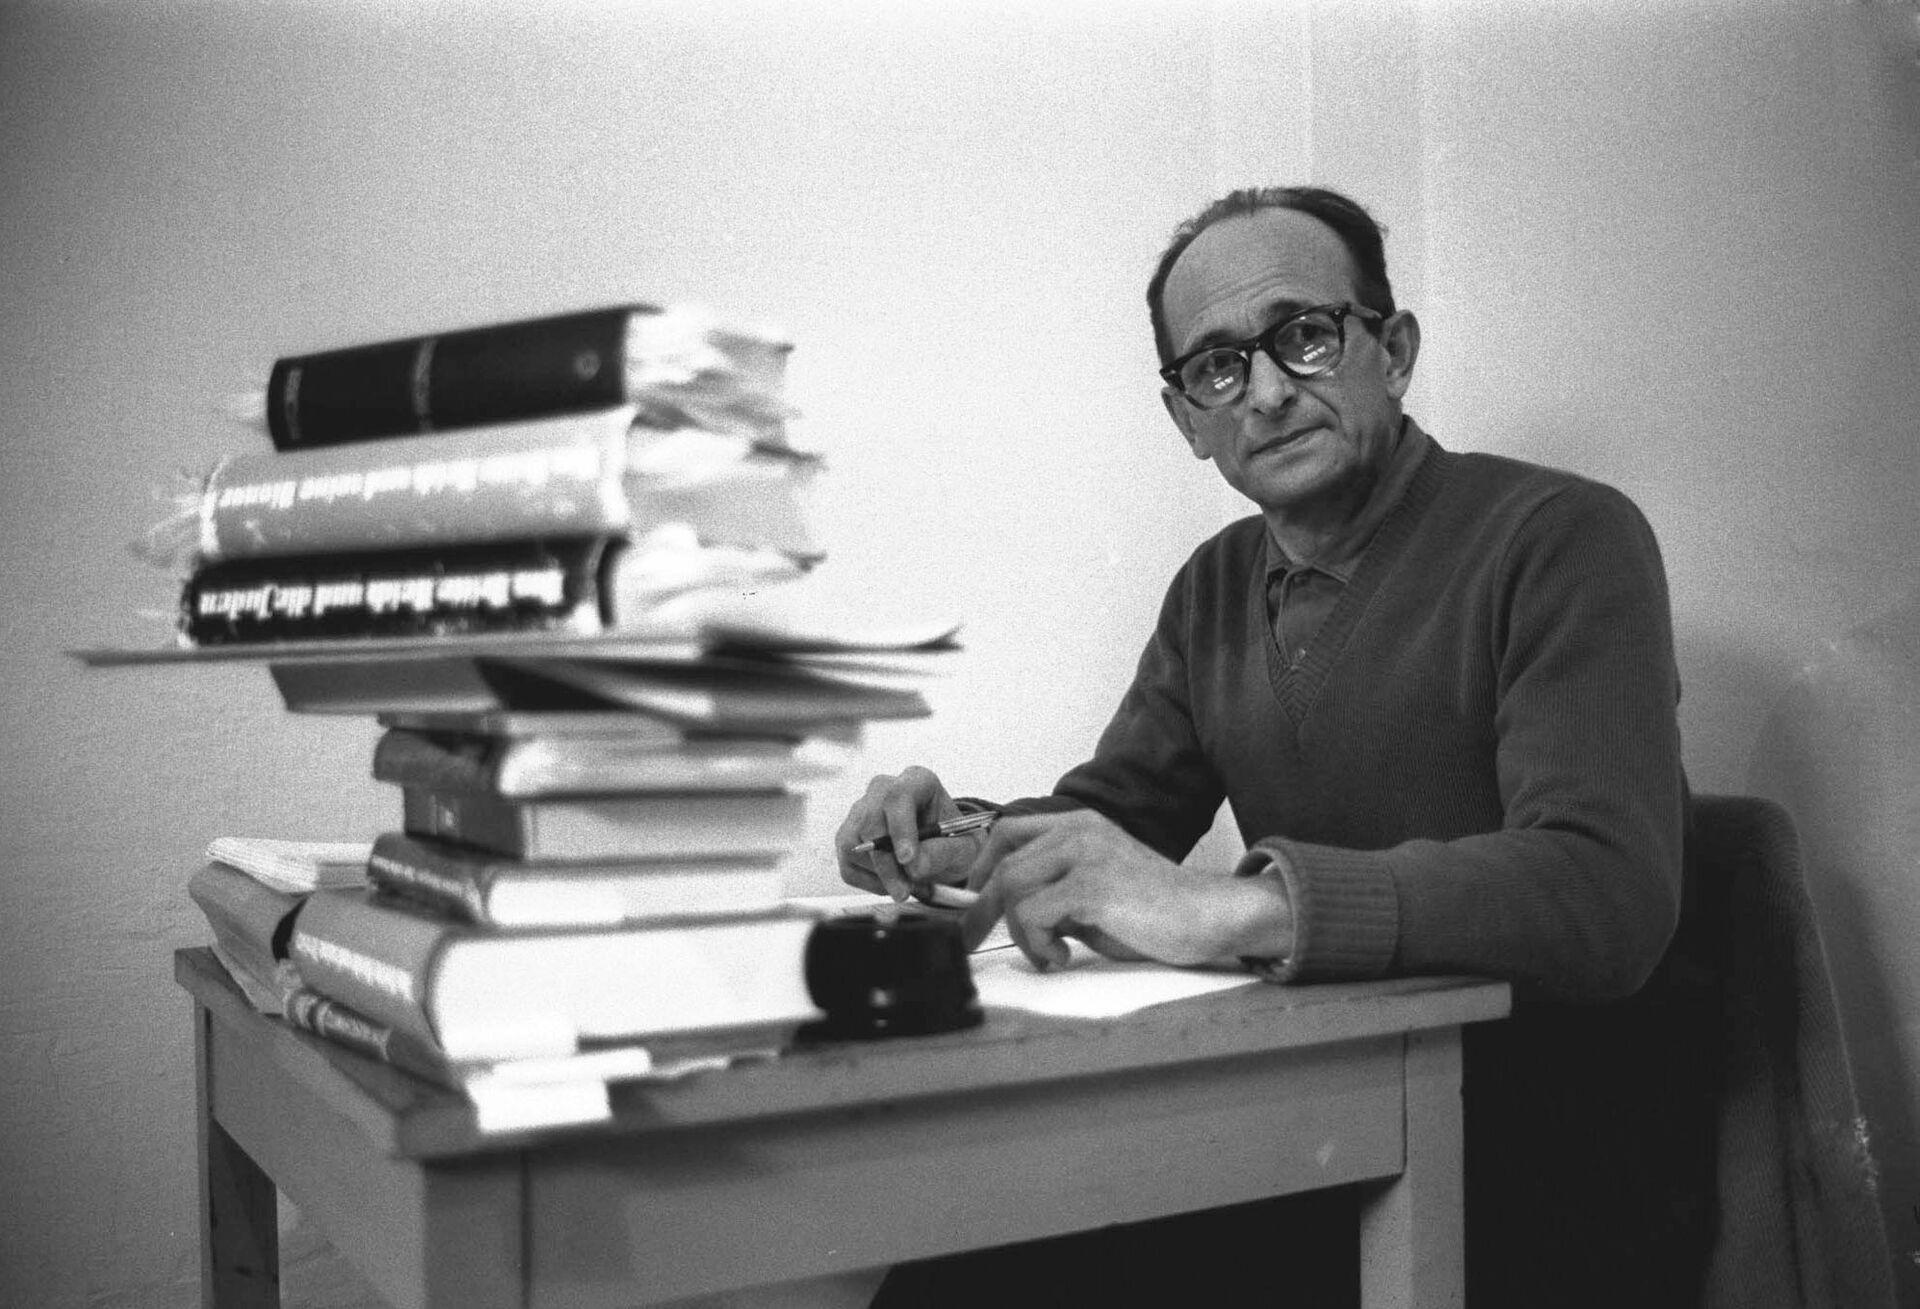 Адольф Эйхман в тюрьме города Рамле, Израиль. 15 апреля 1961   - РИА Новости, 1920, 29.04.2021